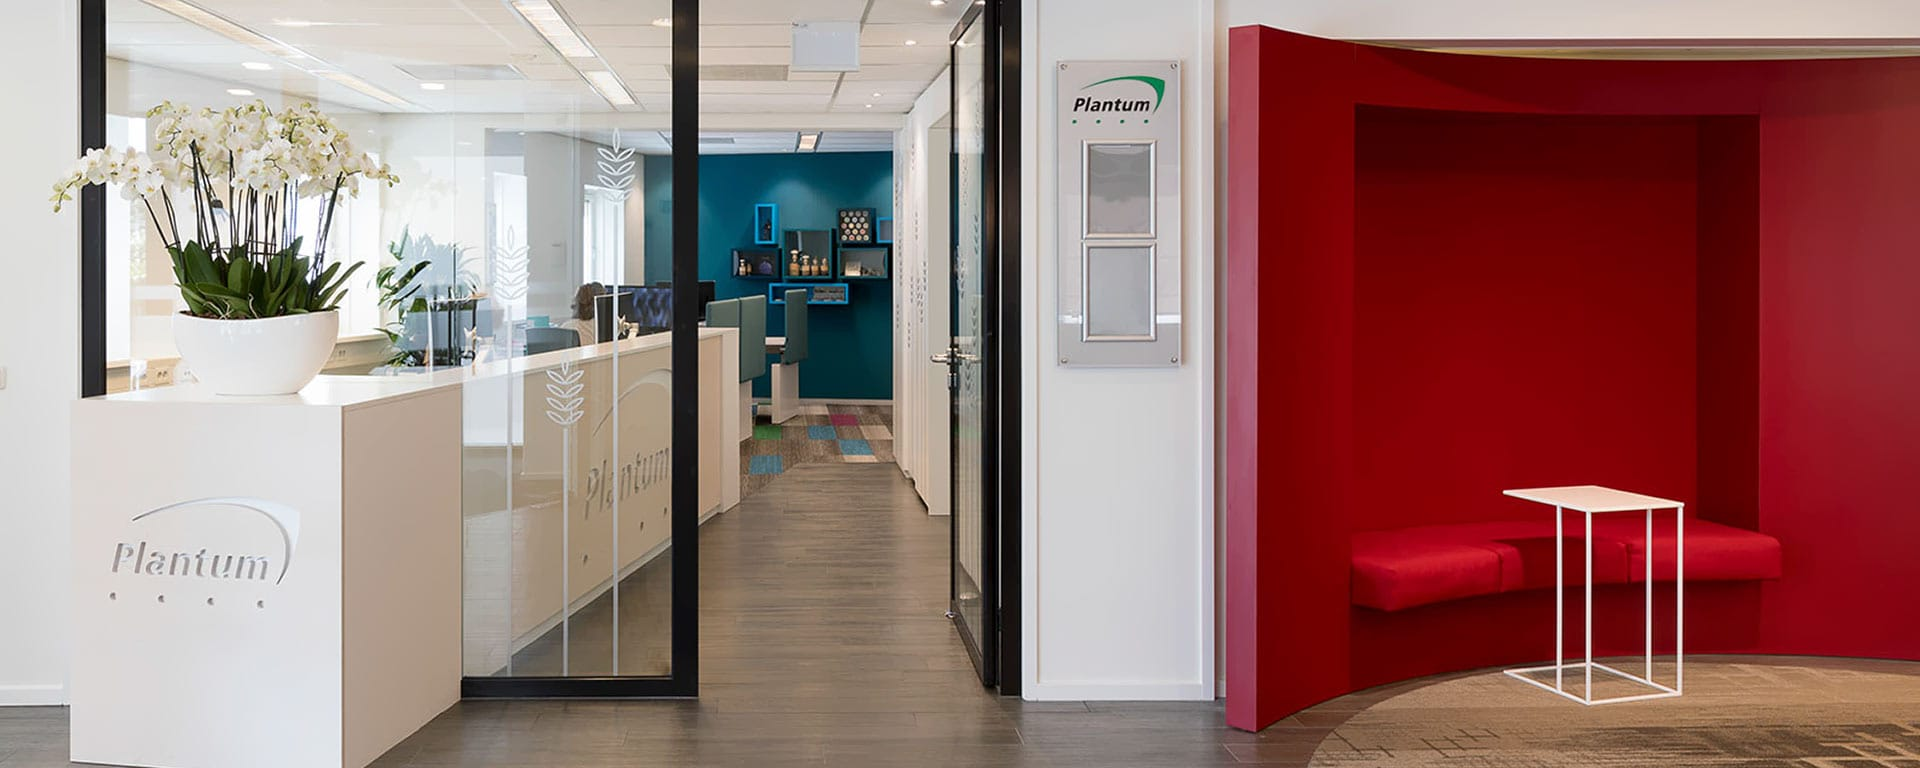 kantoor Plantum - Entree